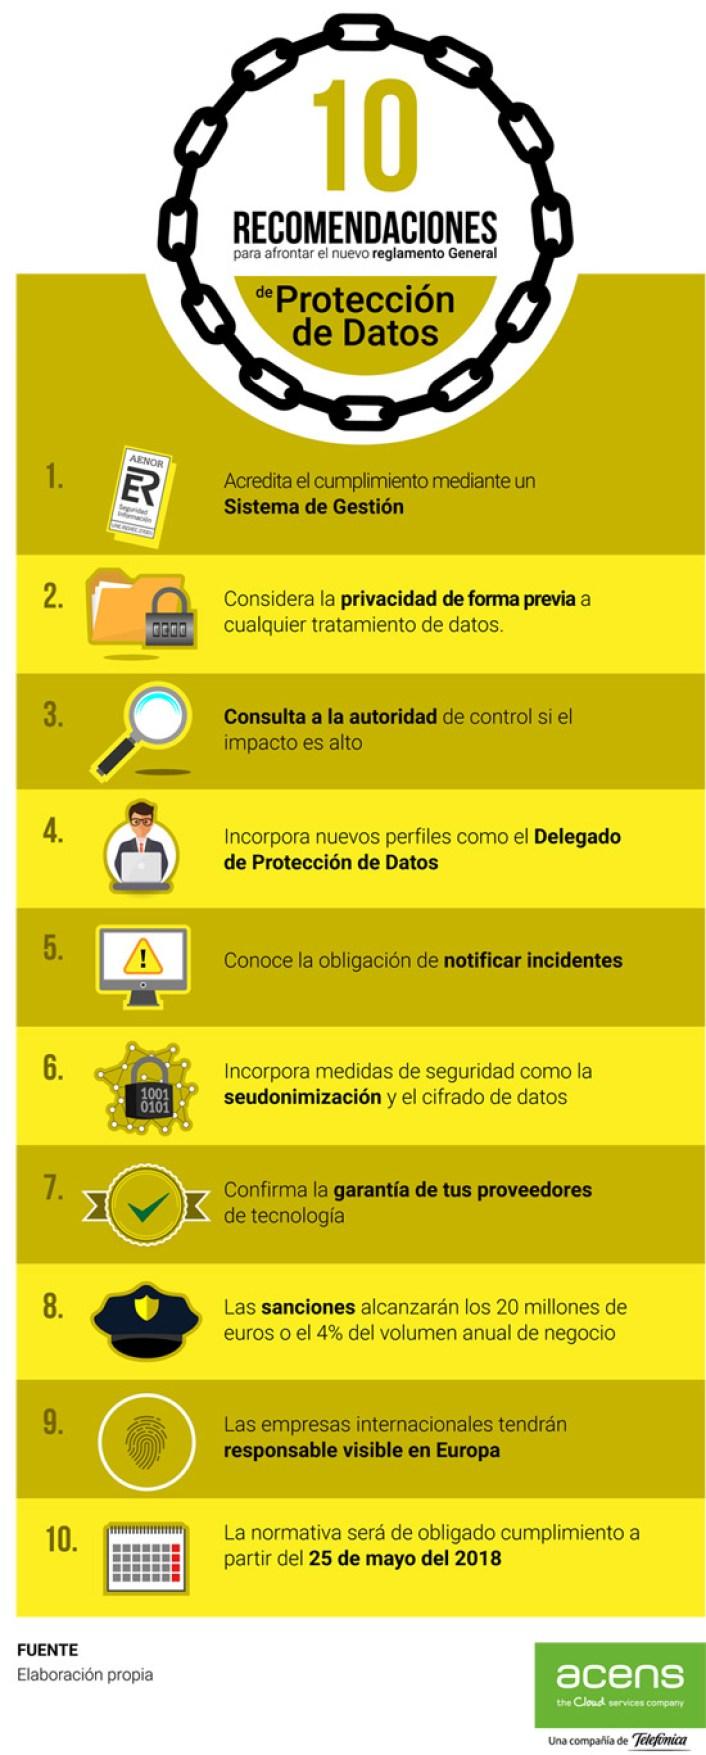 10 recomendaciones para afrontar el Reglamento General de Protección de Datos